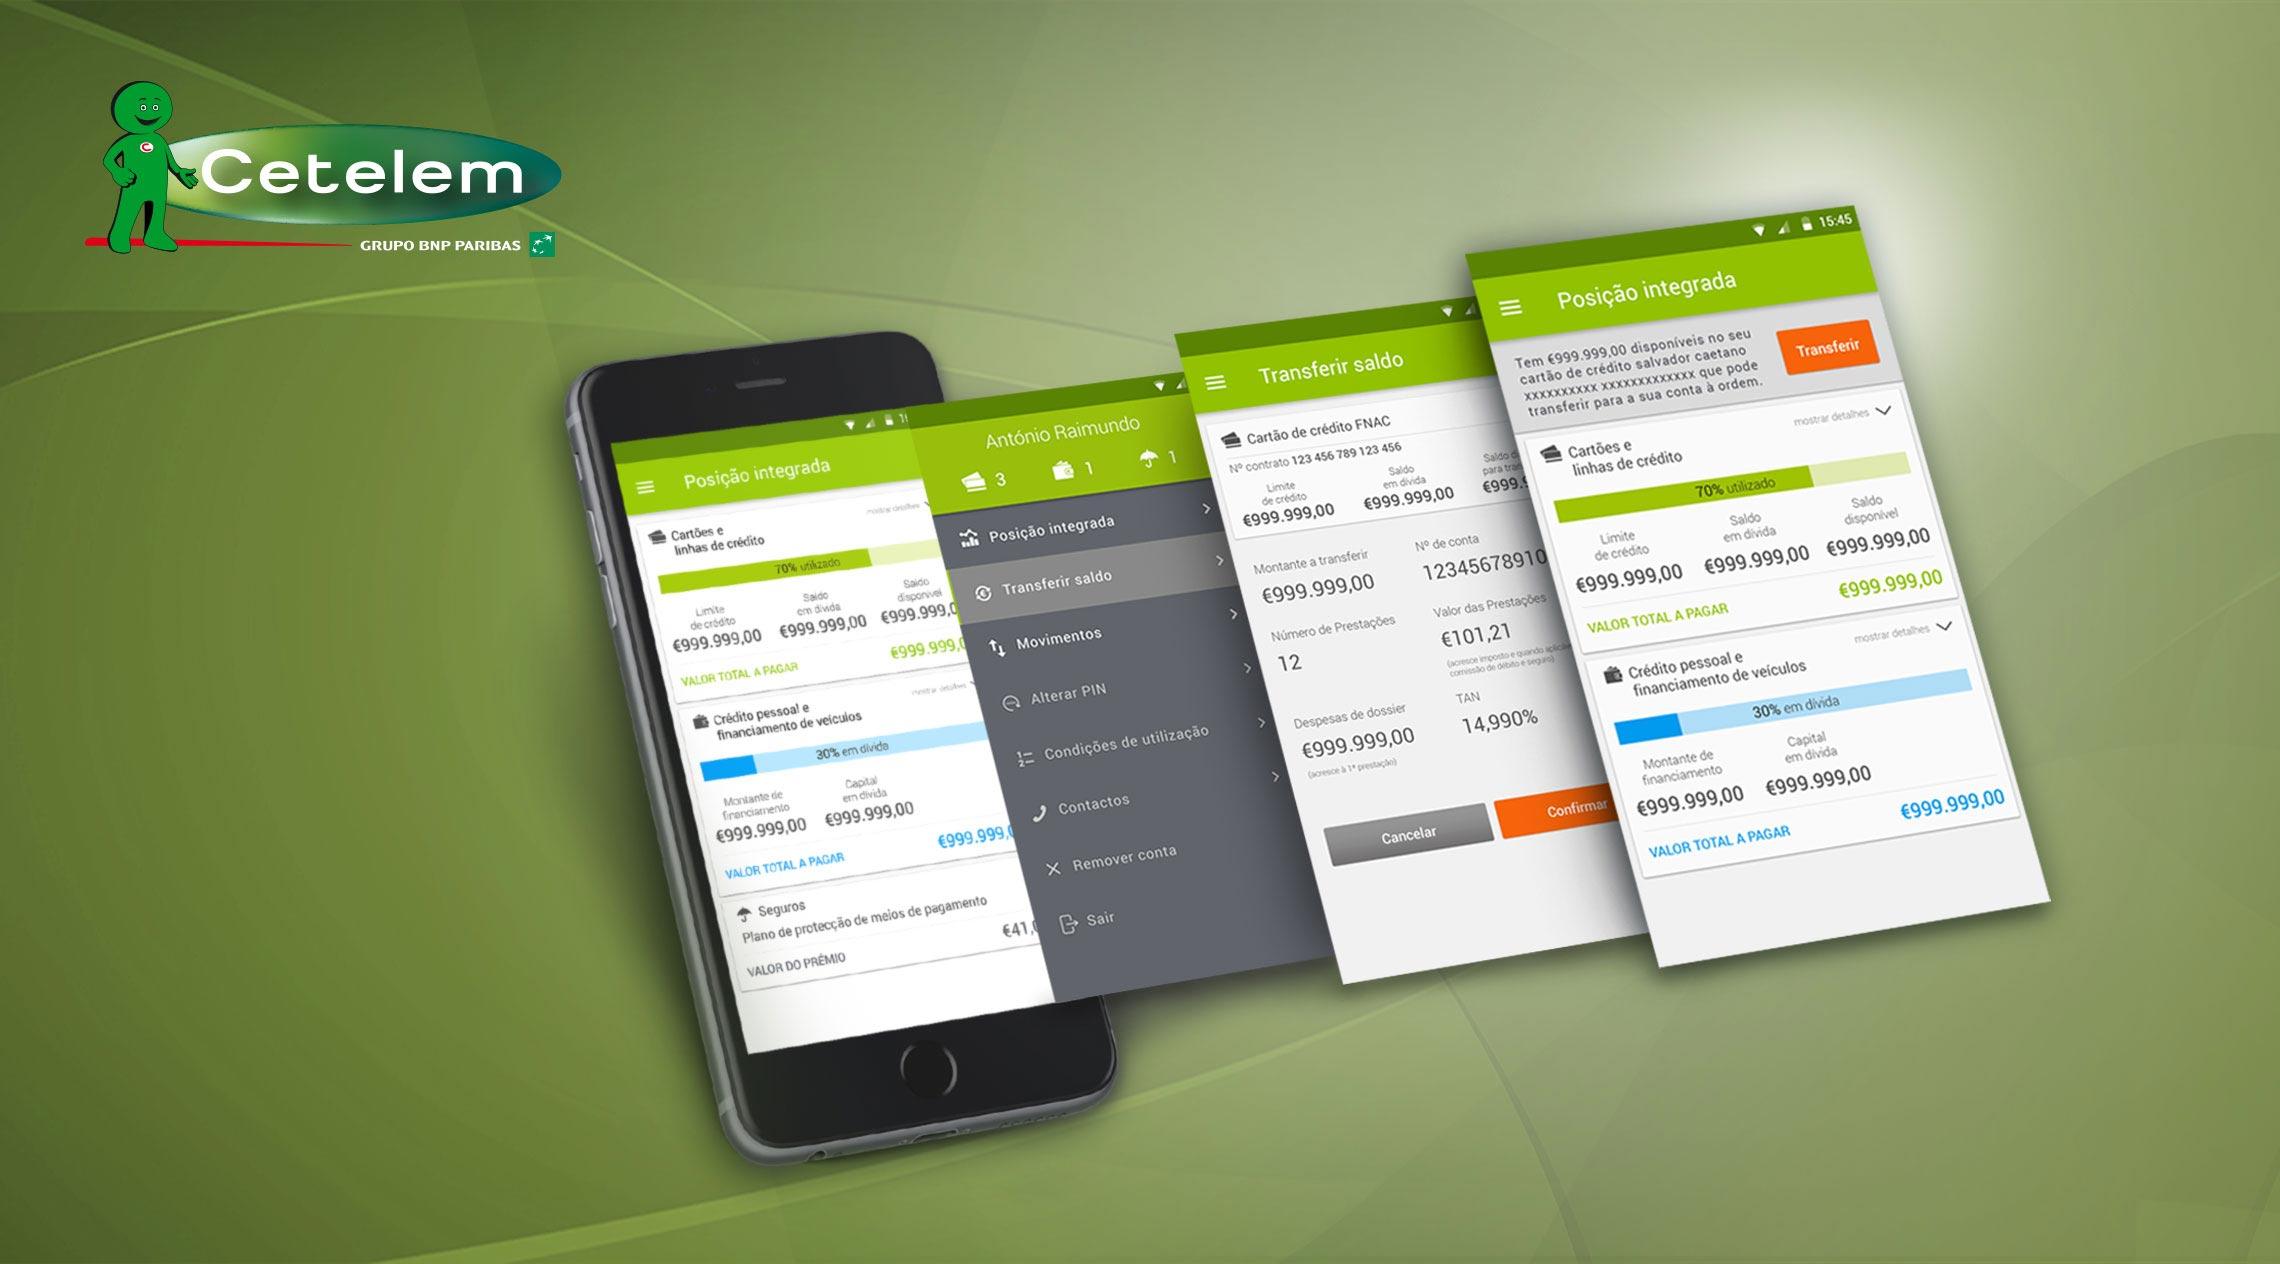 Cetelem – Apps móveis para iOS e Android